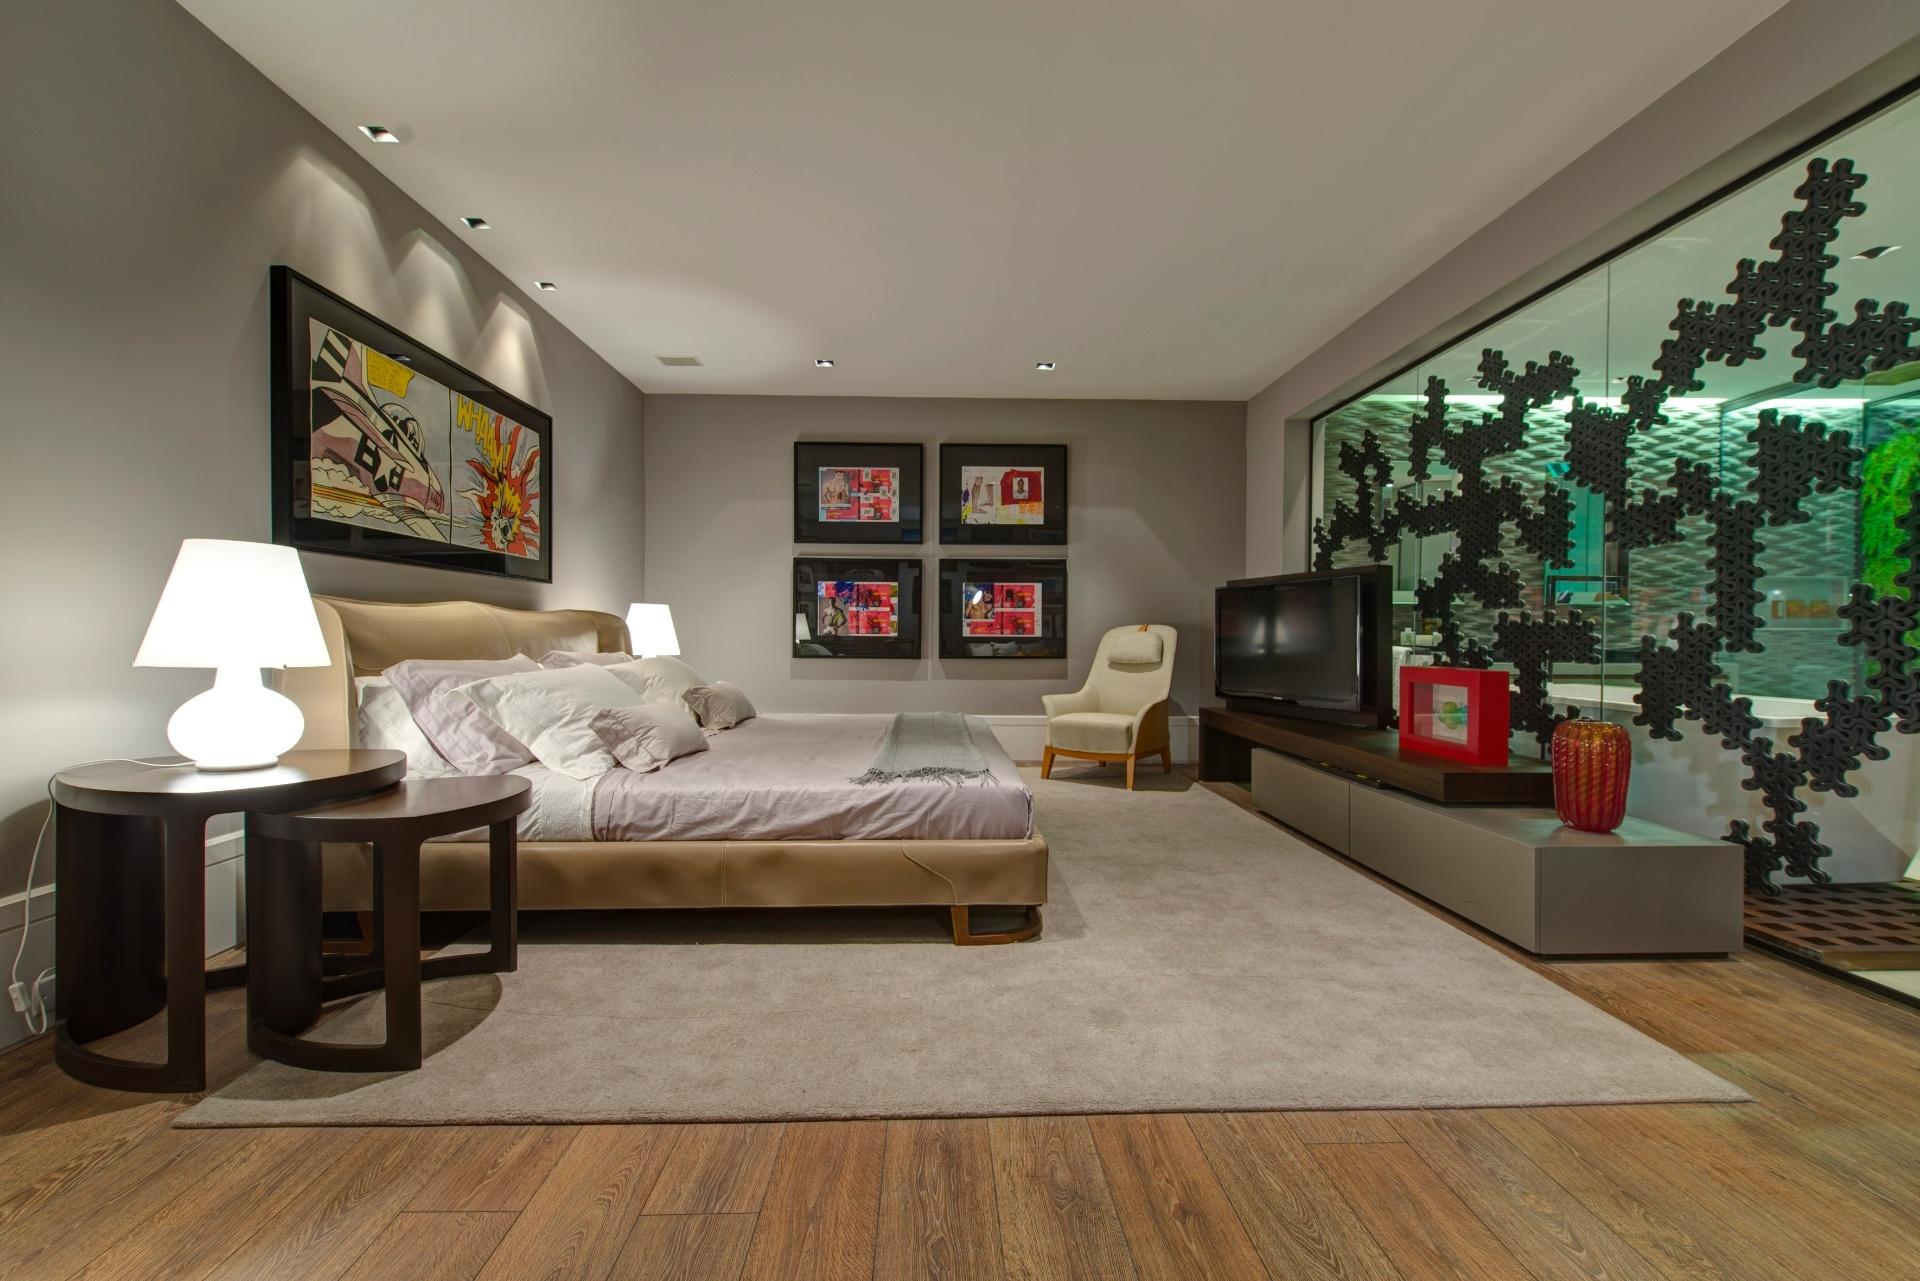 Pela primeira vez na mostra, o designer de interiores Oscar Mikail assina o Loft dos Colecionadores, pensado para um casal homossexual. O quarto tem uma proposta